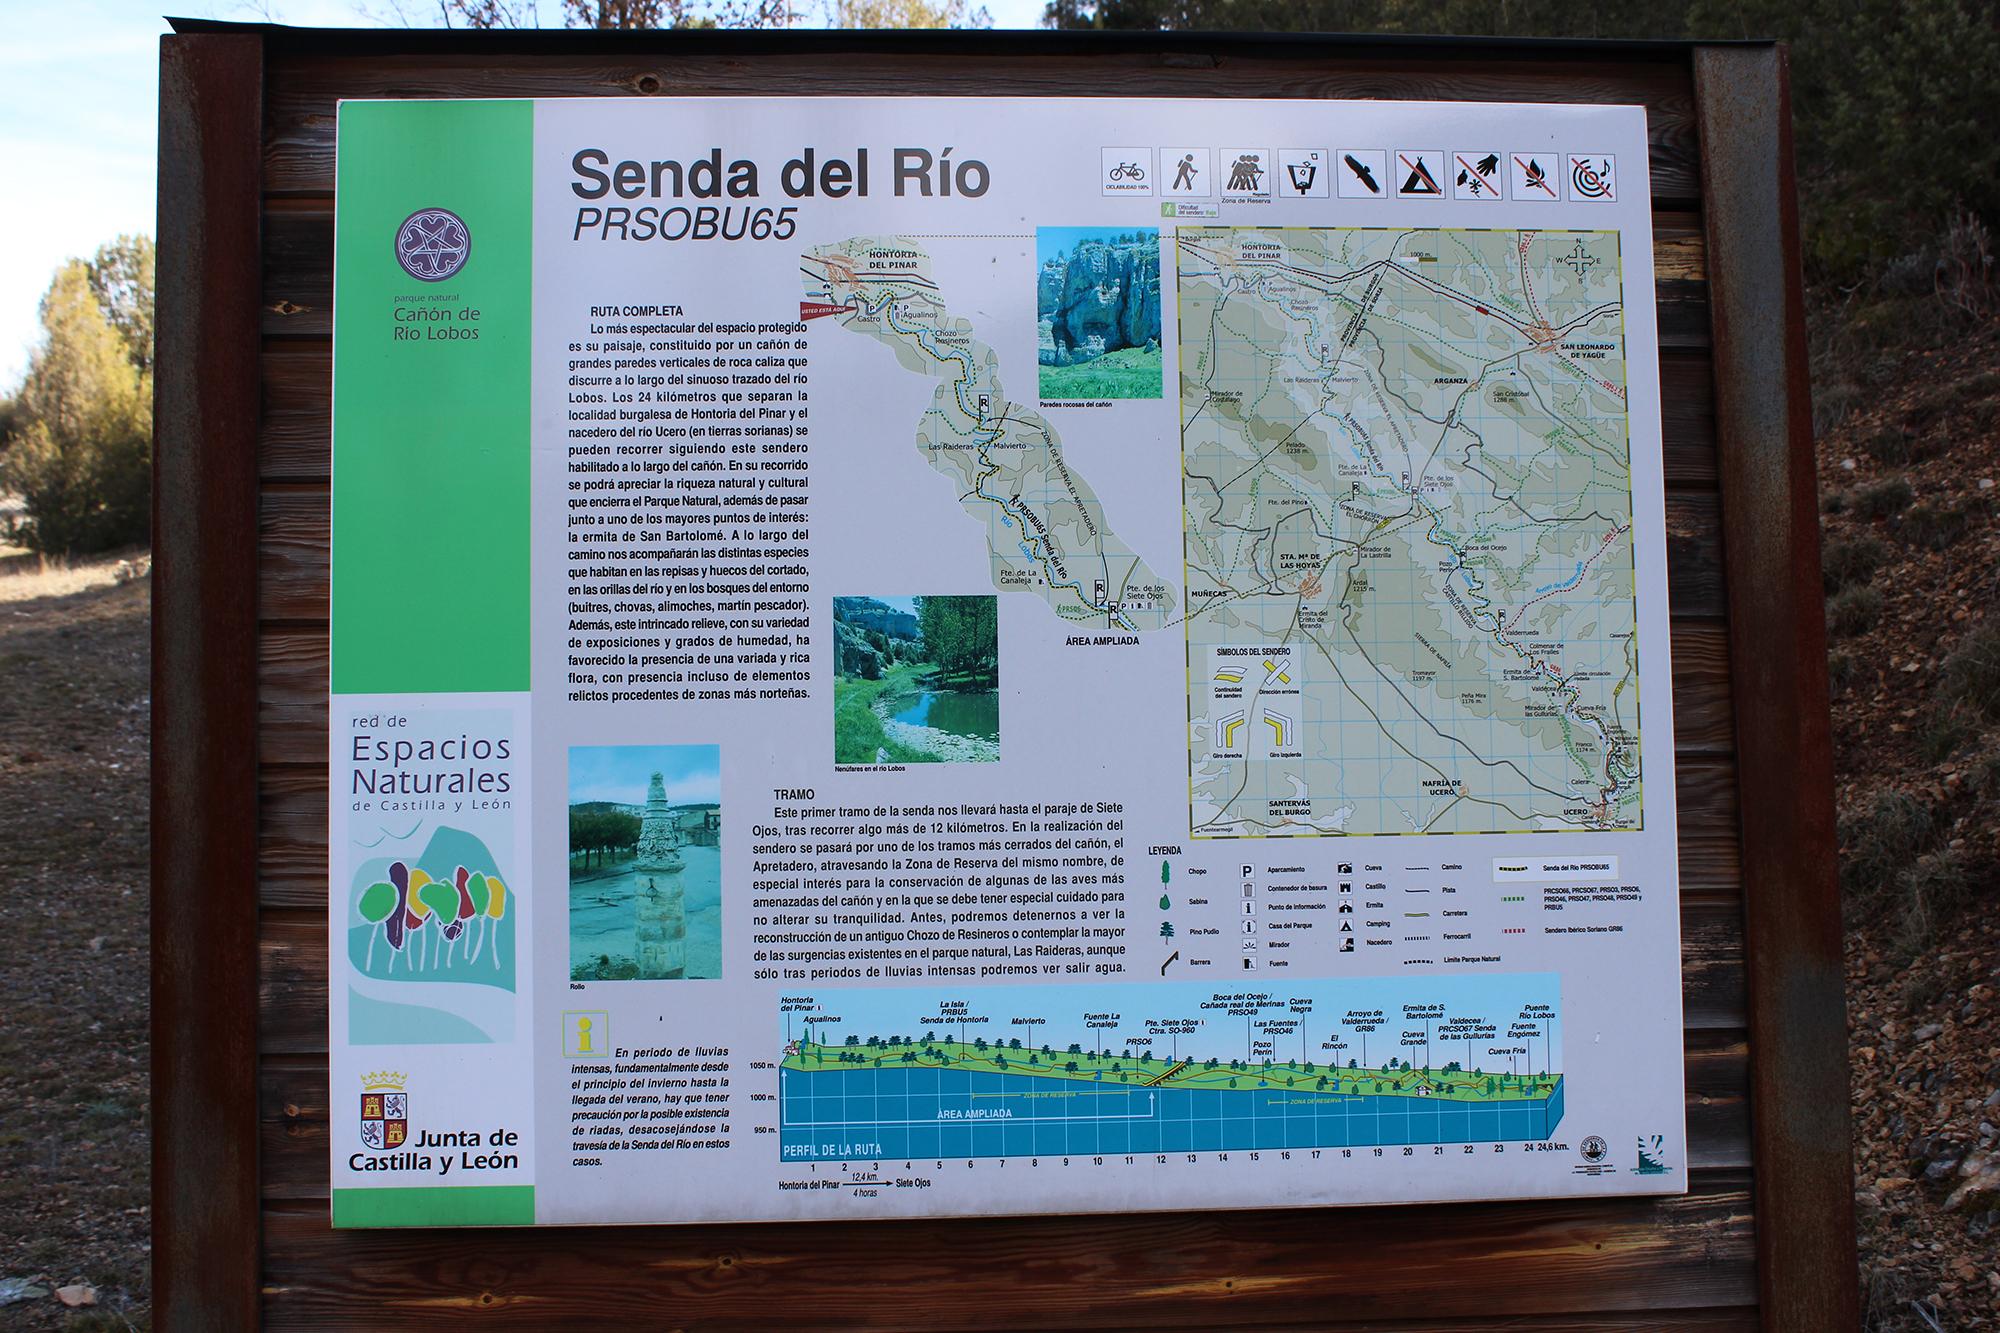 senda del rio cañon del rio lobos cartel informacion ruta